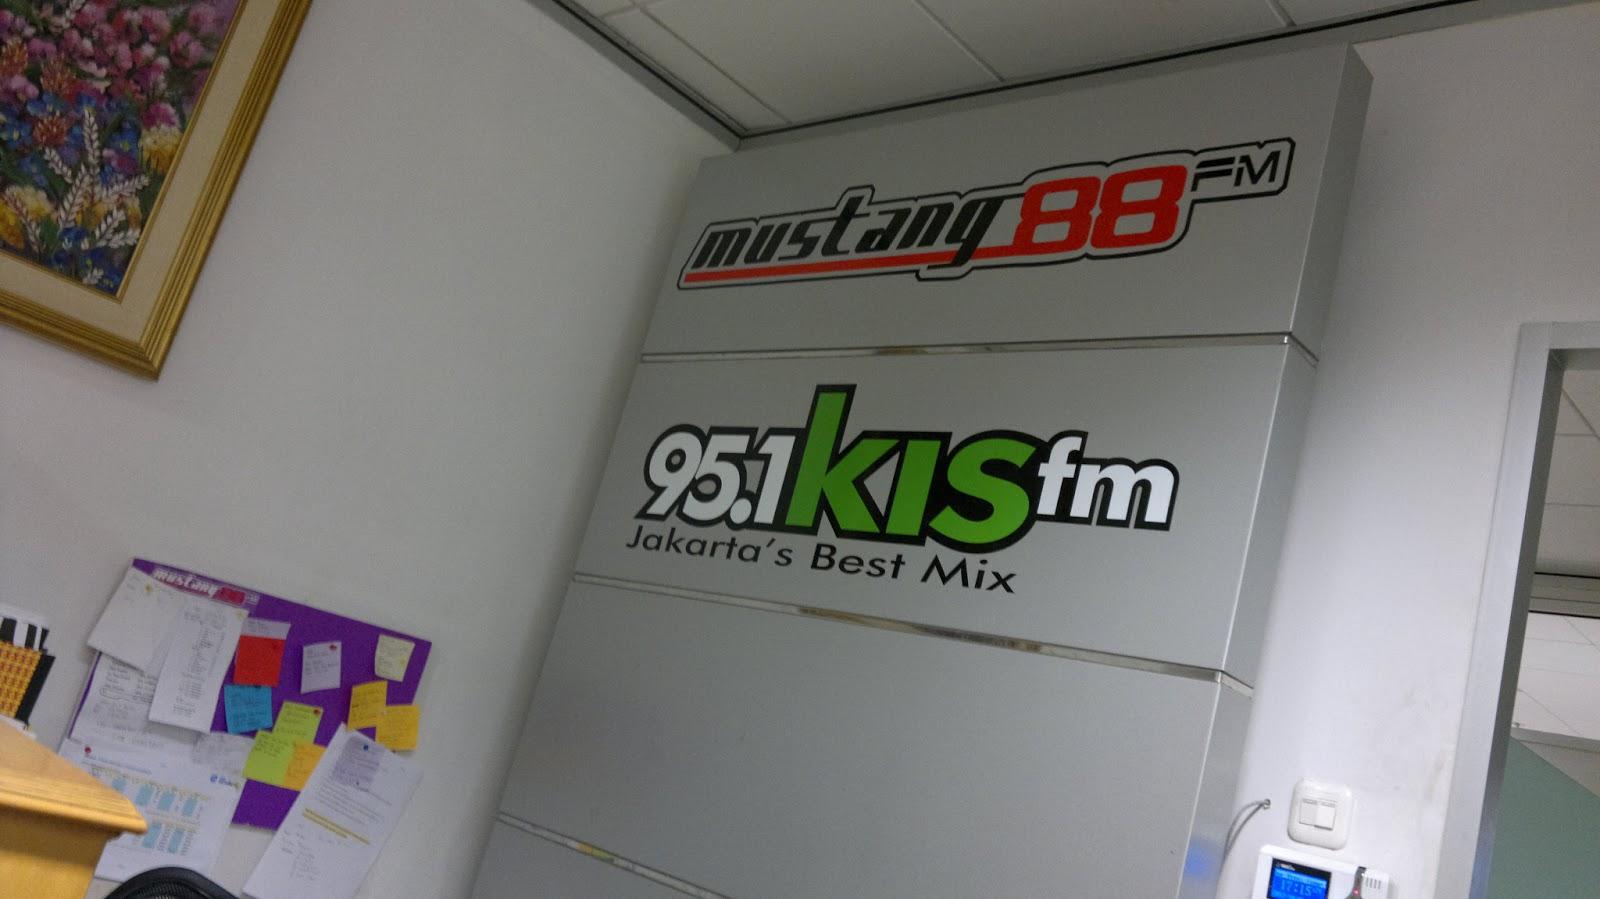 Radio Branding Materials Indoor Sign Mustang Fm Amp Kis